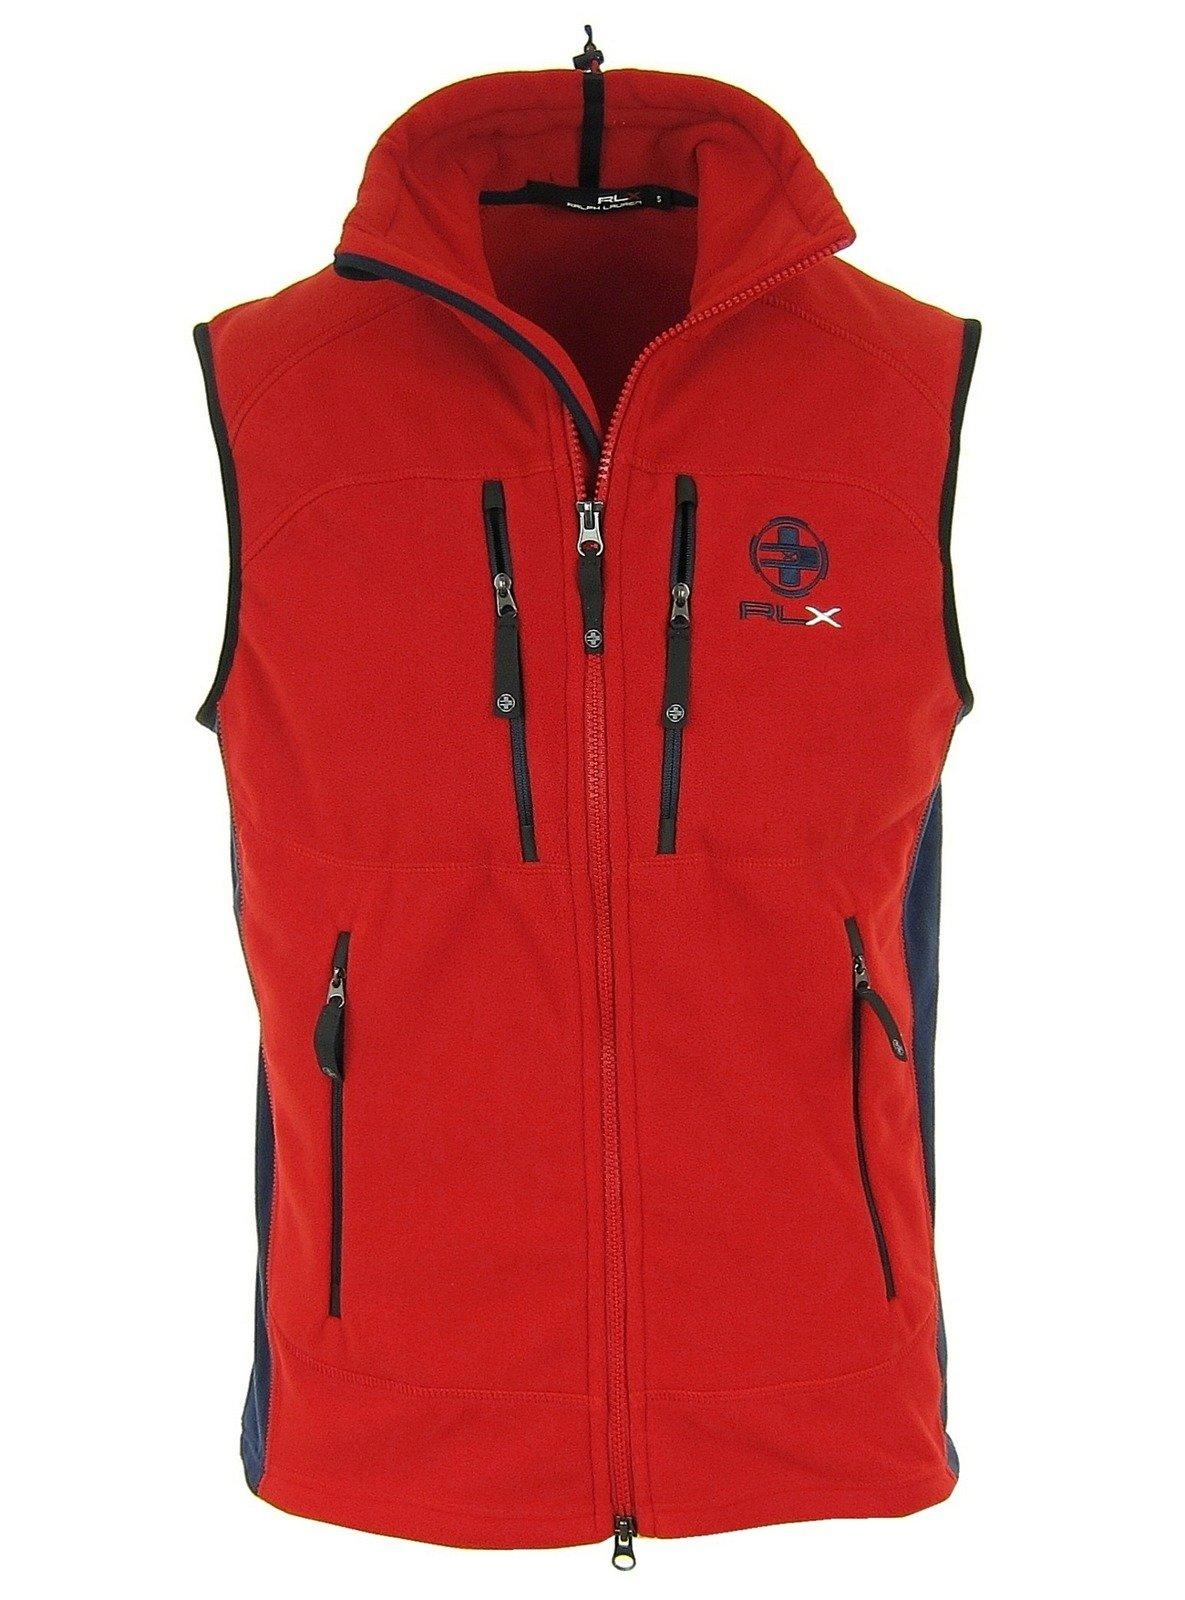 The North Face Westen >> RALPH LAUREN RLX Herren Men Weste Vest Bodywarmer Gilet Rot Red Fleece | HERREN - MEN \ Westen ...